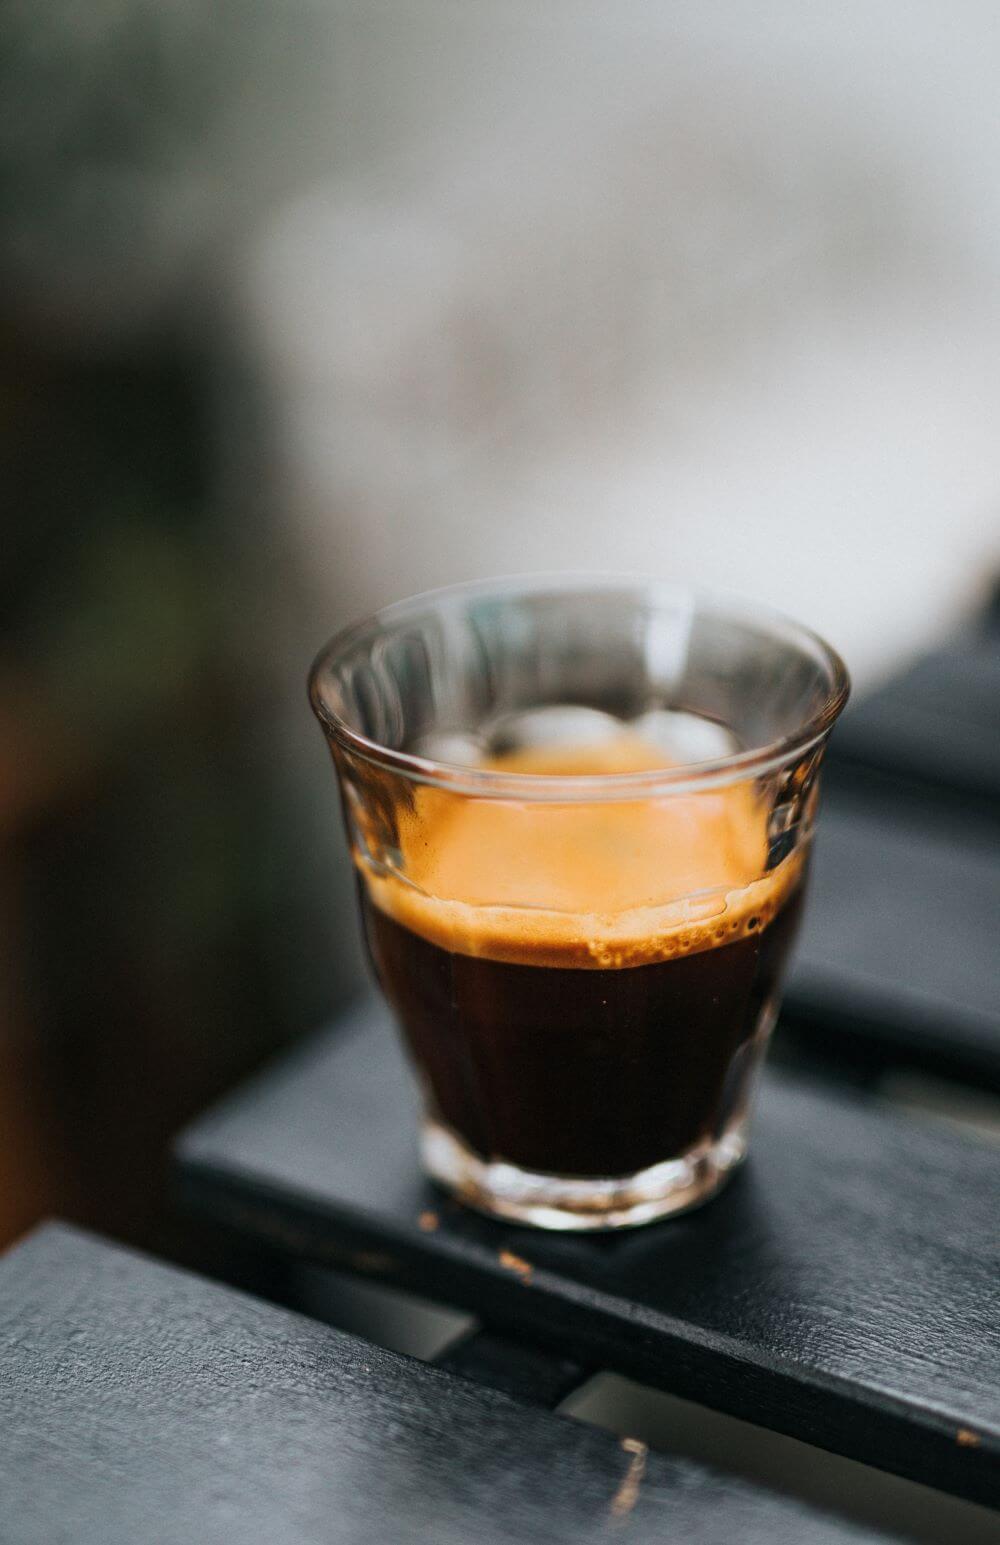 La Tazza d'oro Espresso